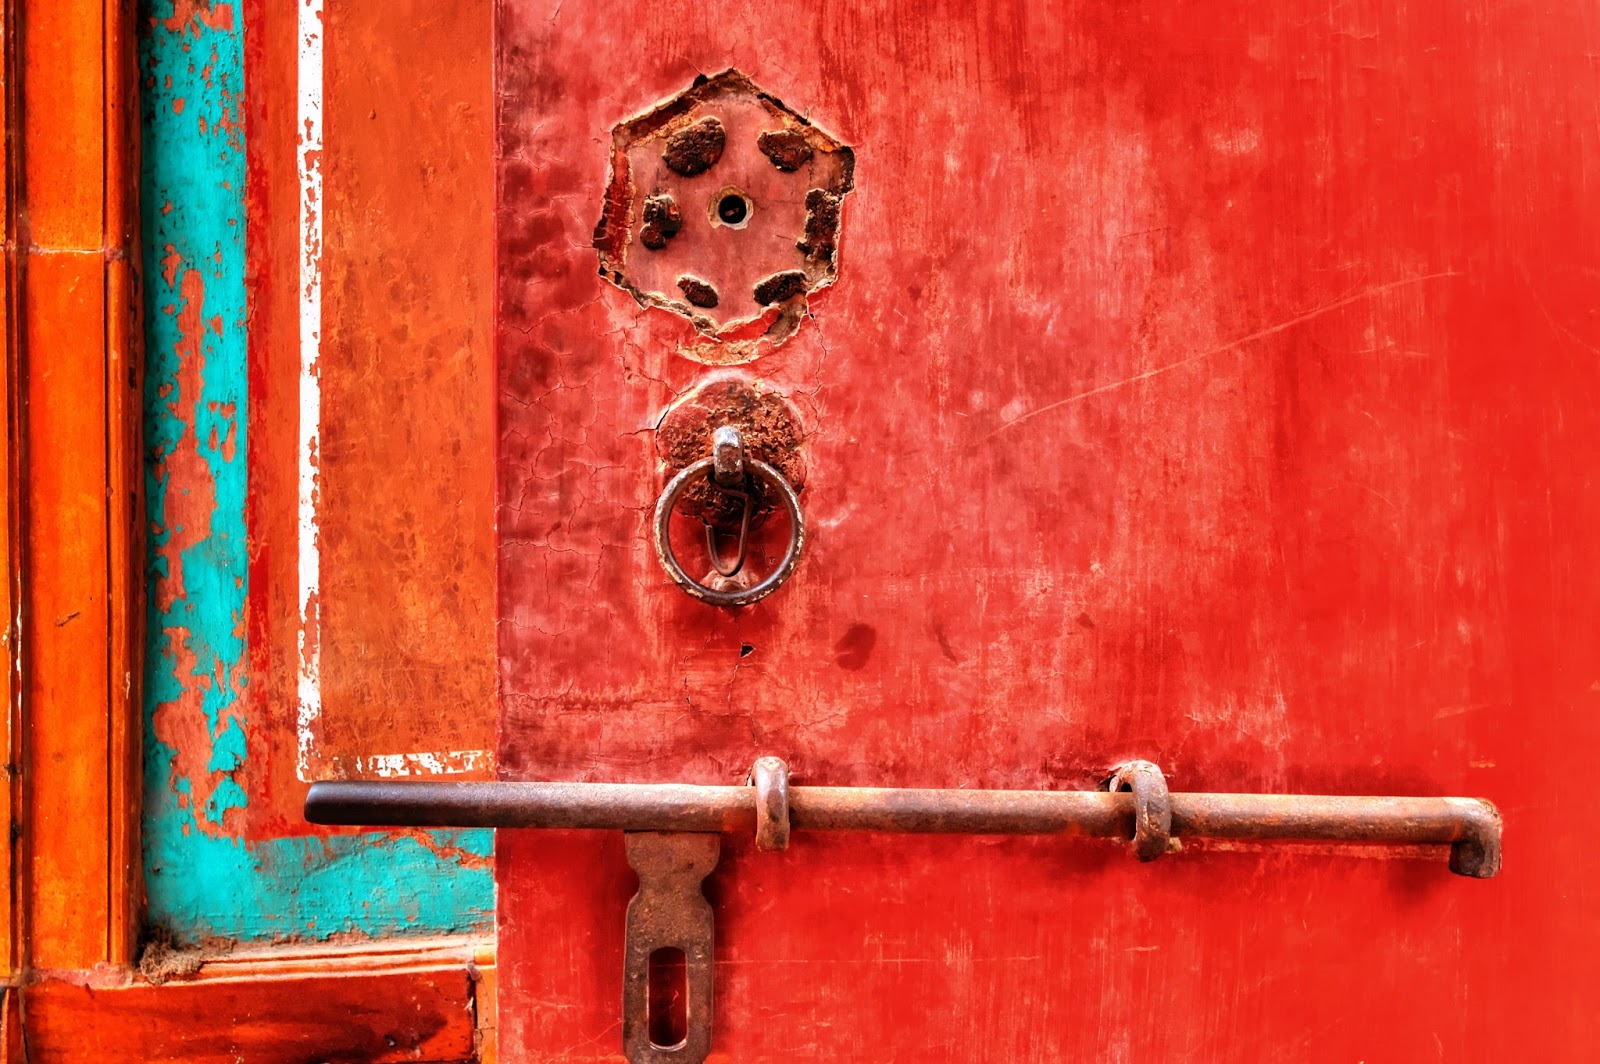 Detalhe de tranca na porta dos aposentos das concubinas em um palácio chinês